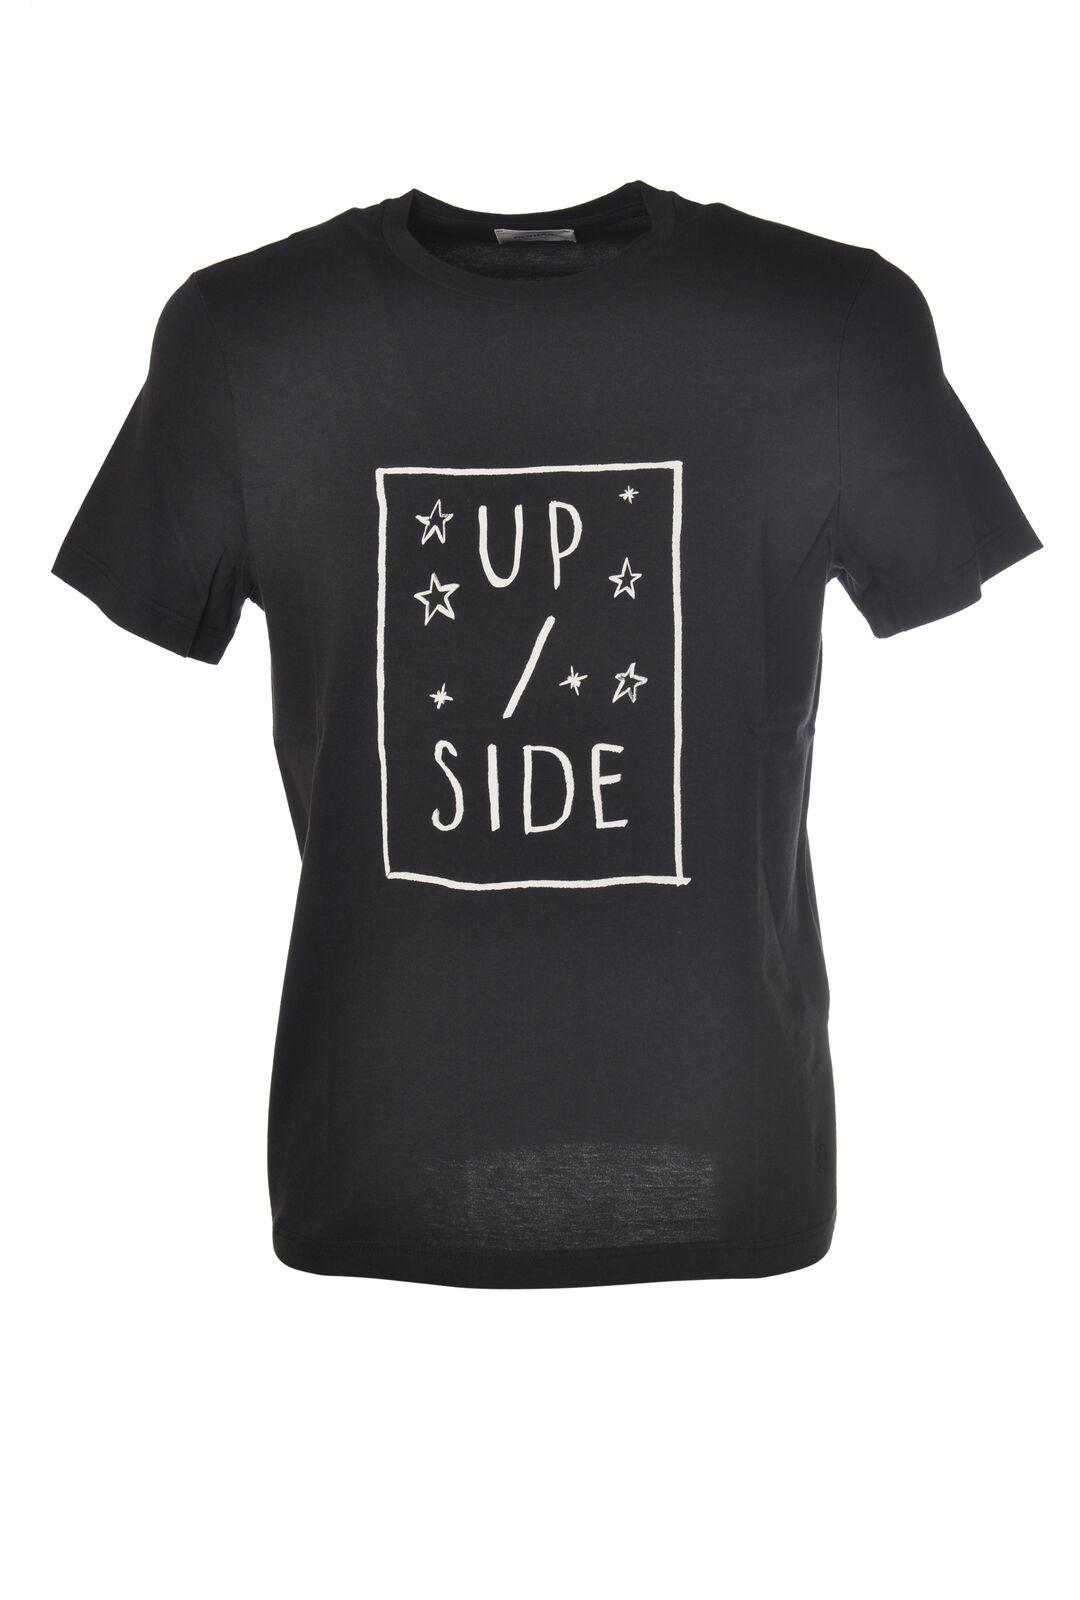 Dondup - Topwear-T-shirts - Man - bluee - 6019113C190957